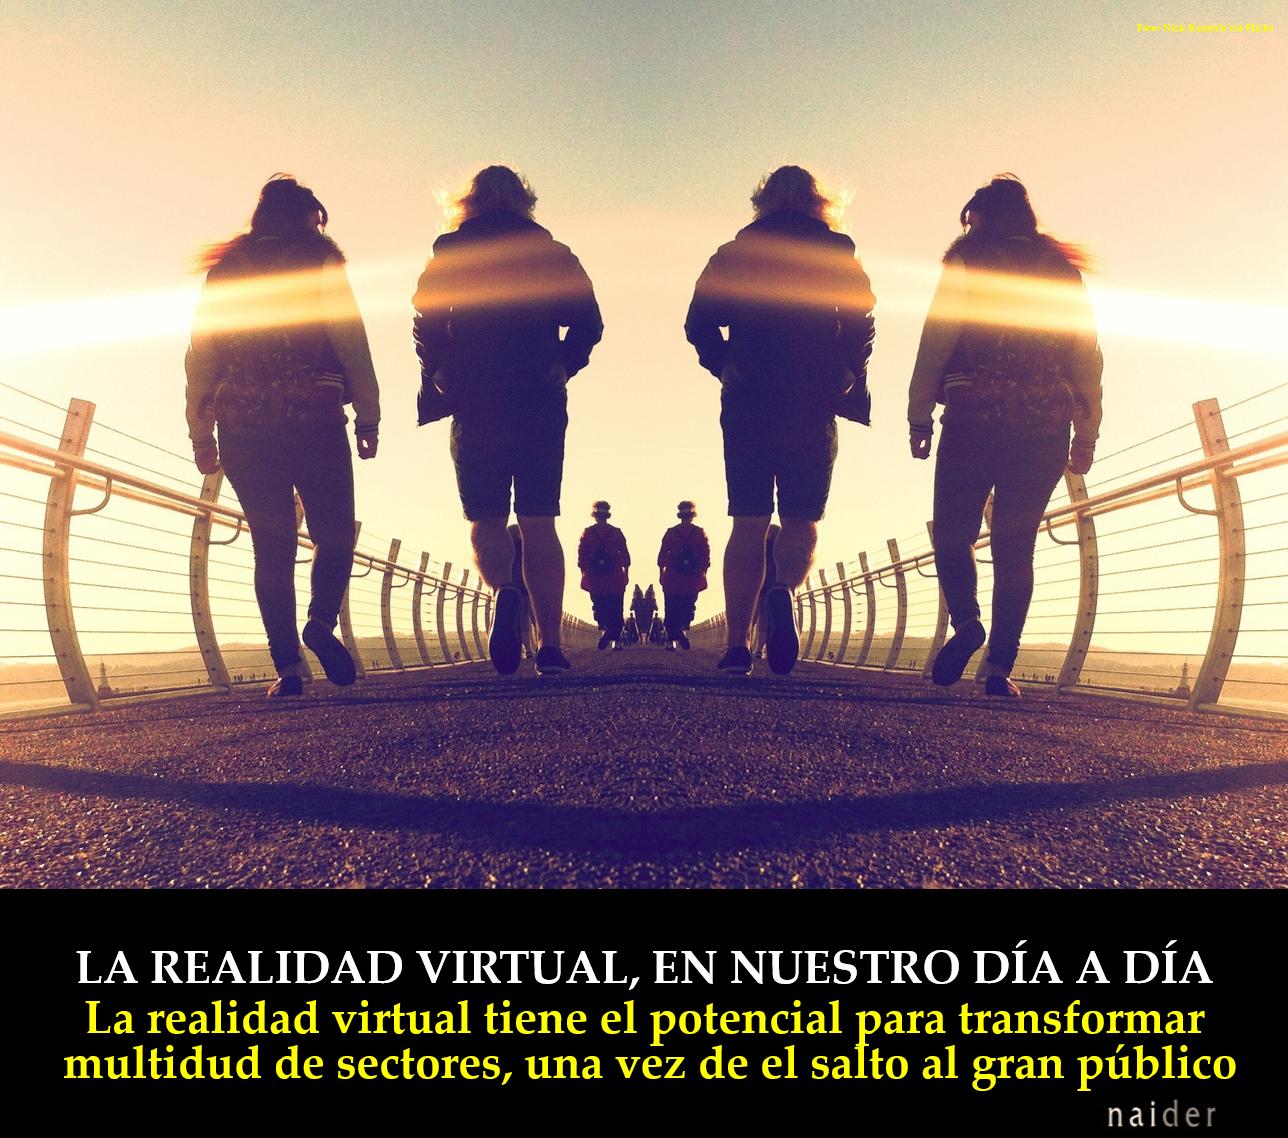 la realidad virtual en nuestro dia a dia infopost